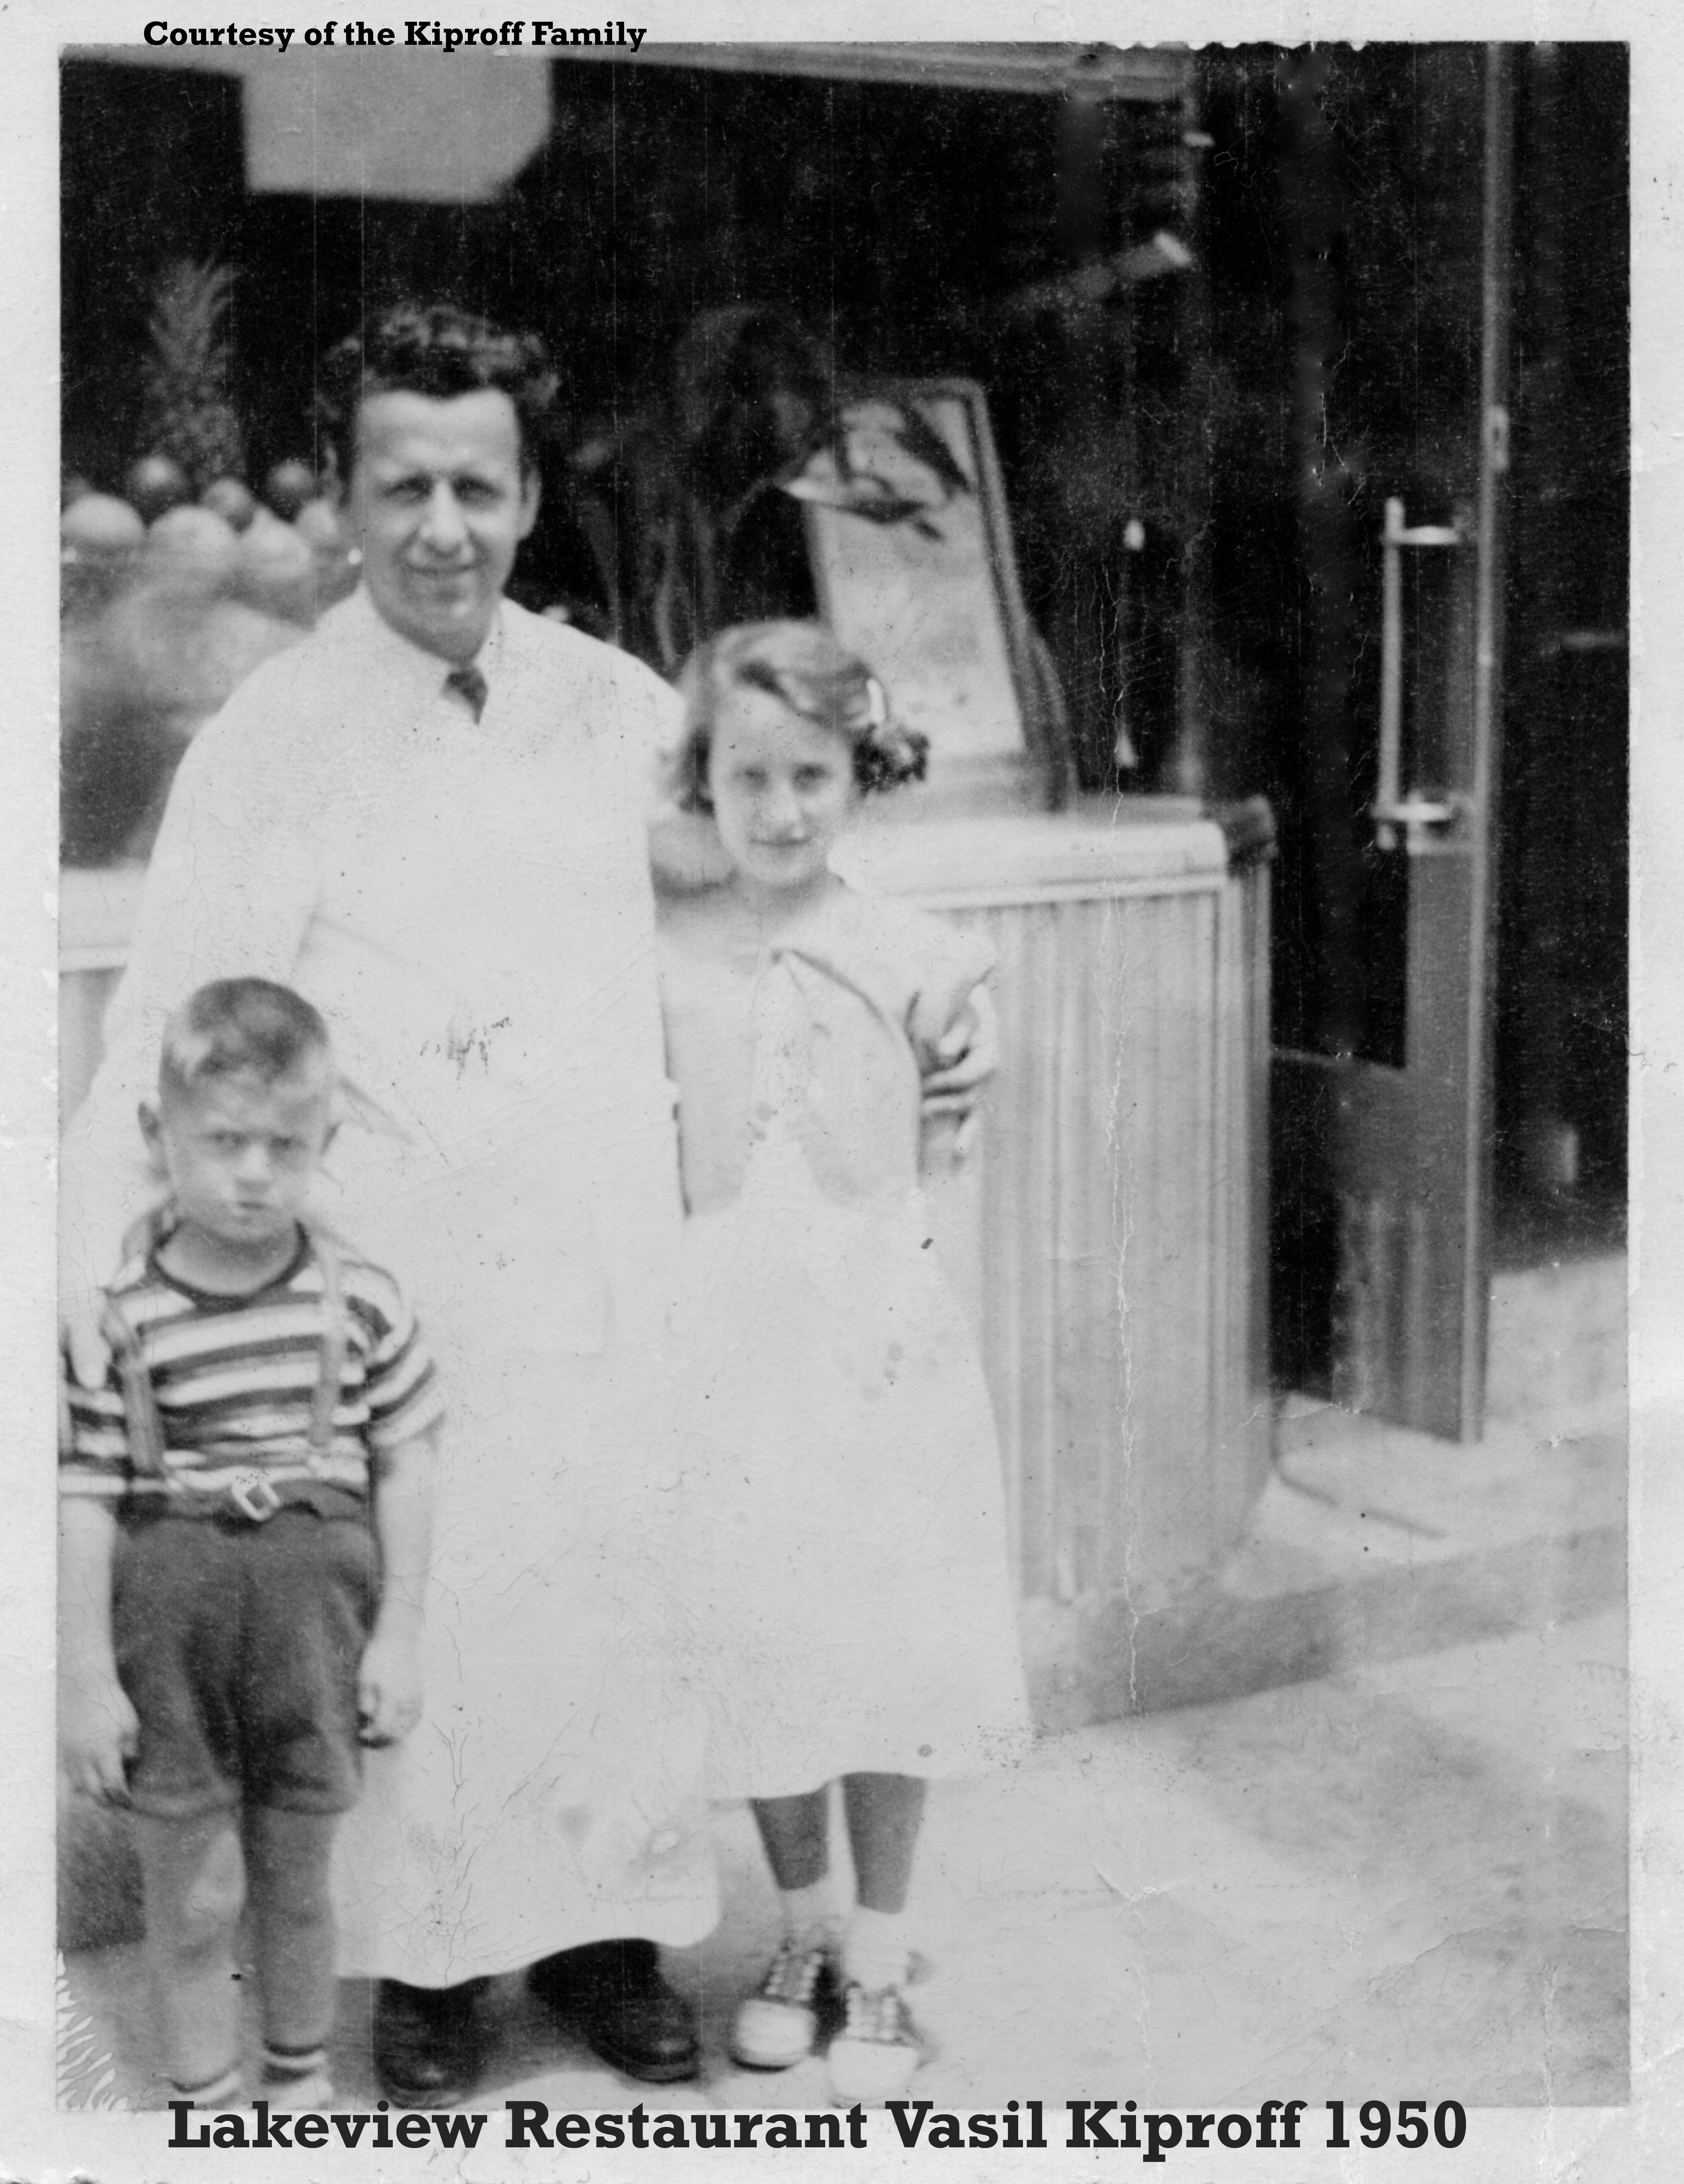 White apron toronto - Kiproff 1950